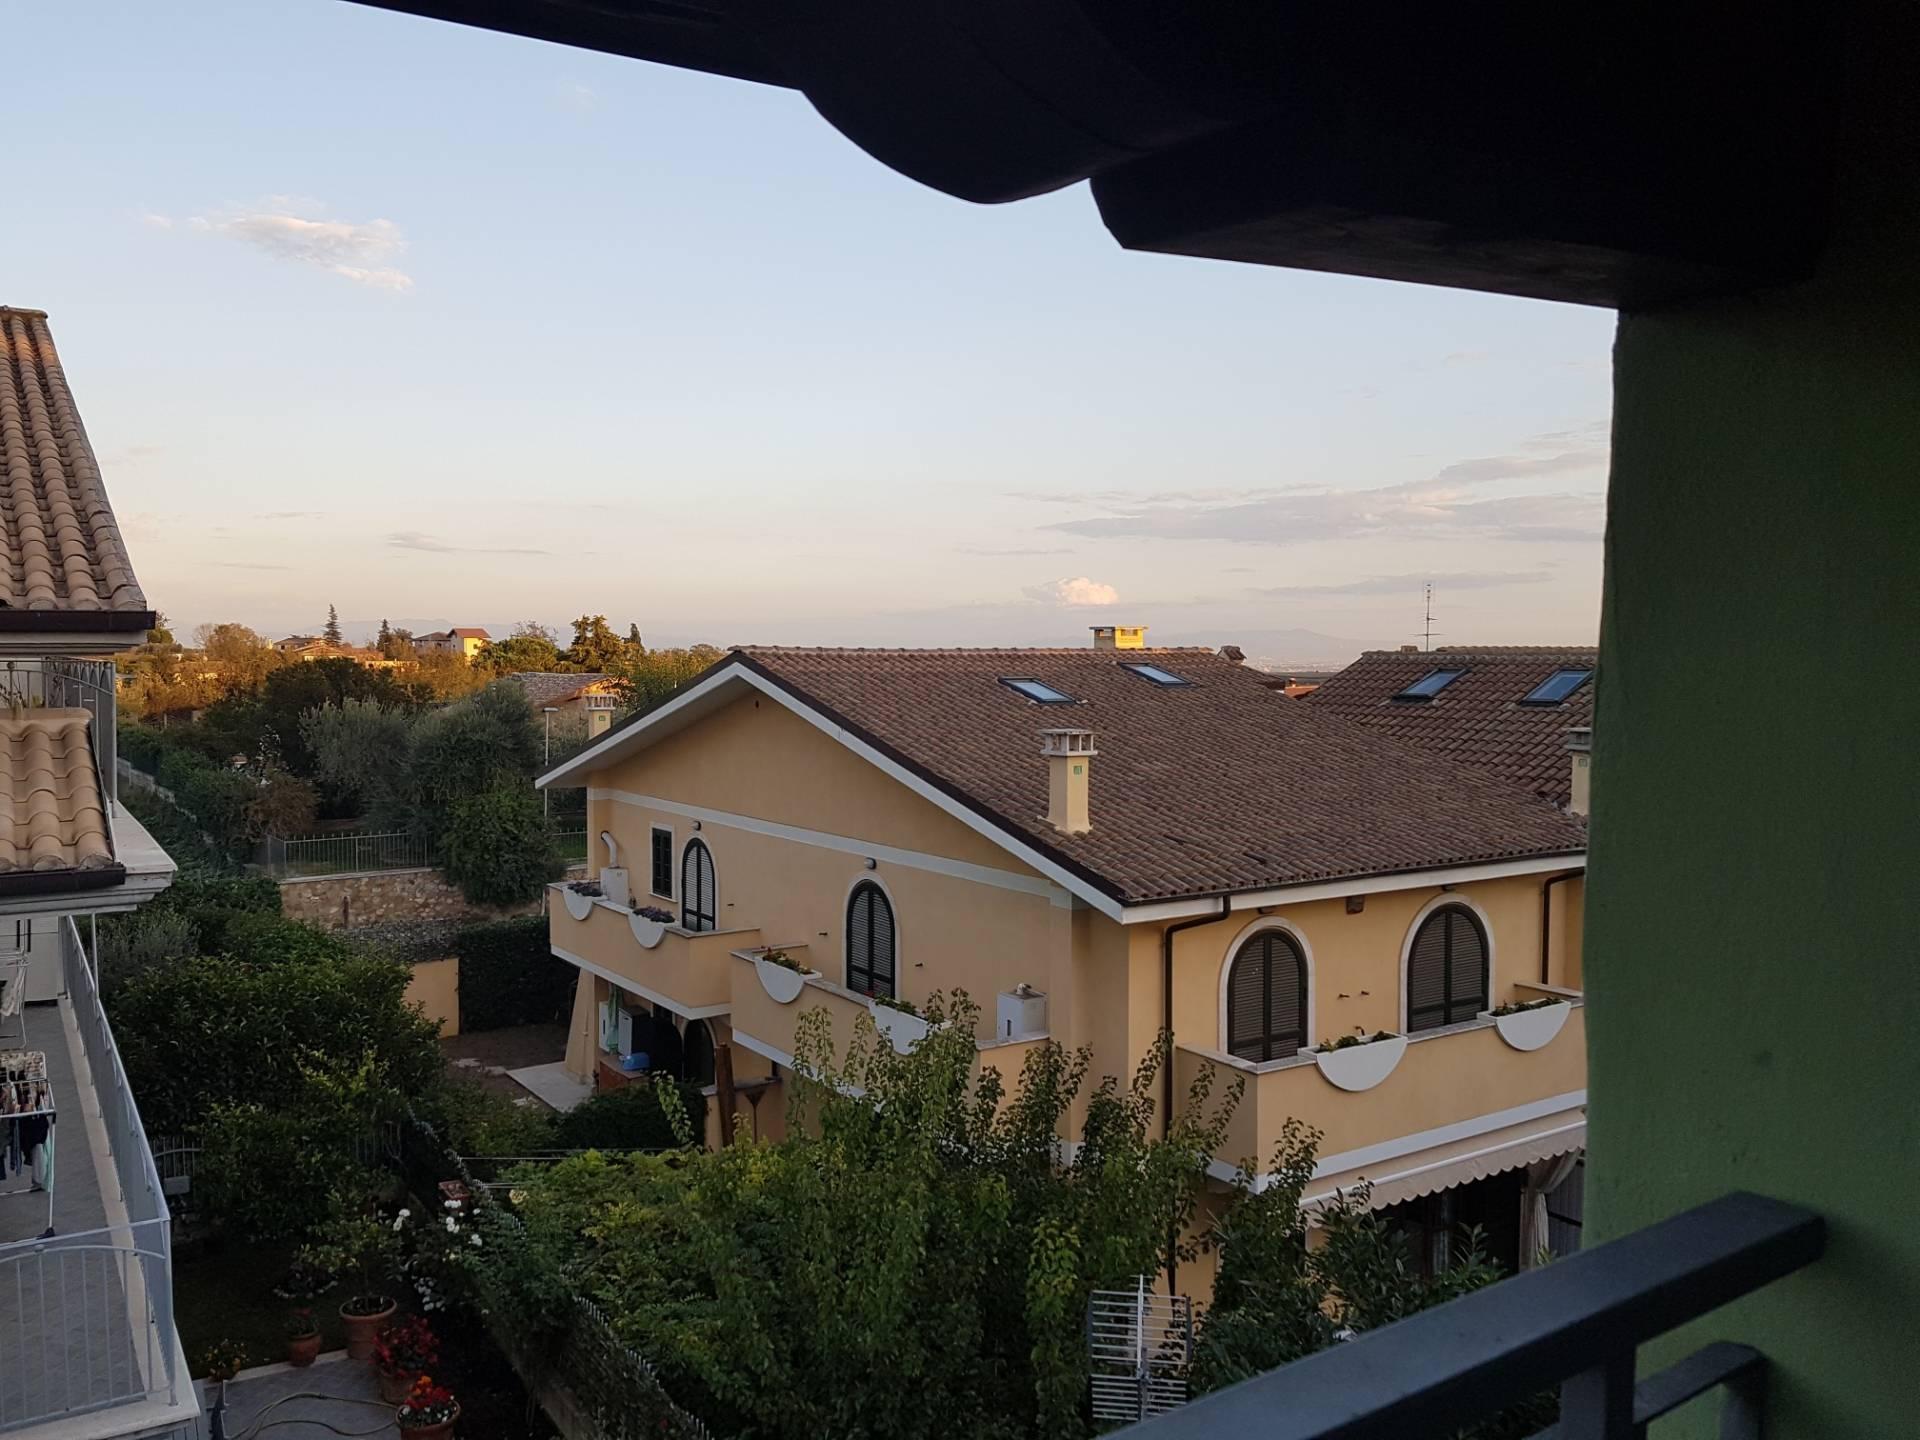 Soluzione Indipendente in vendita a Formello, 5 locali, zona Località: centrale, prezzo € 185.000 | CambioCasa.it